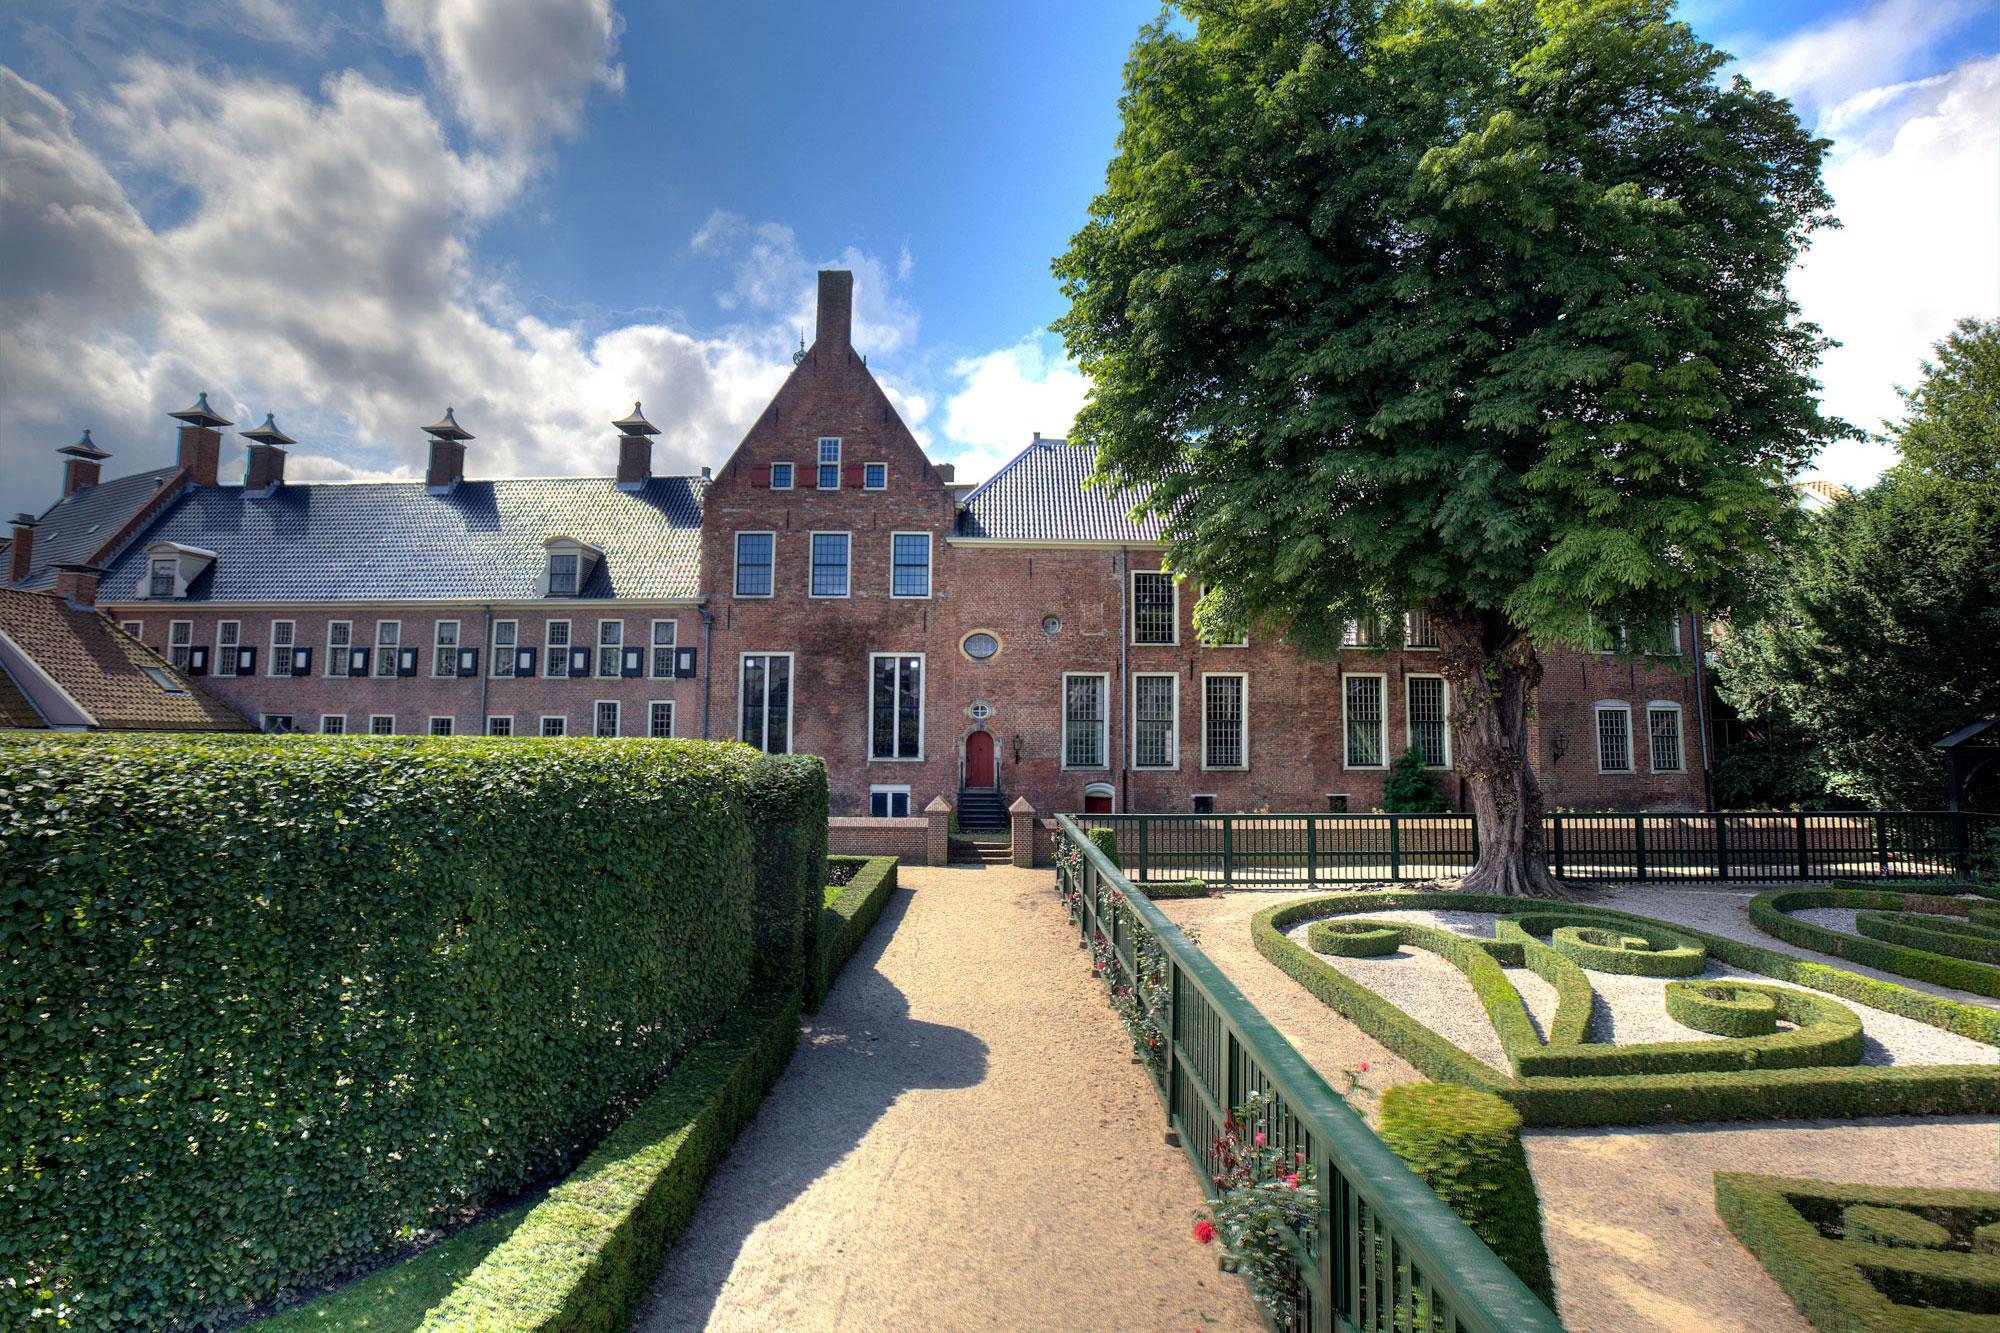 Hotel Prinsenhof 1